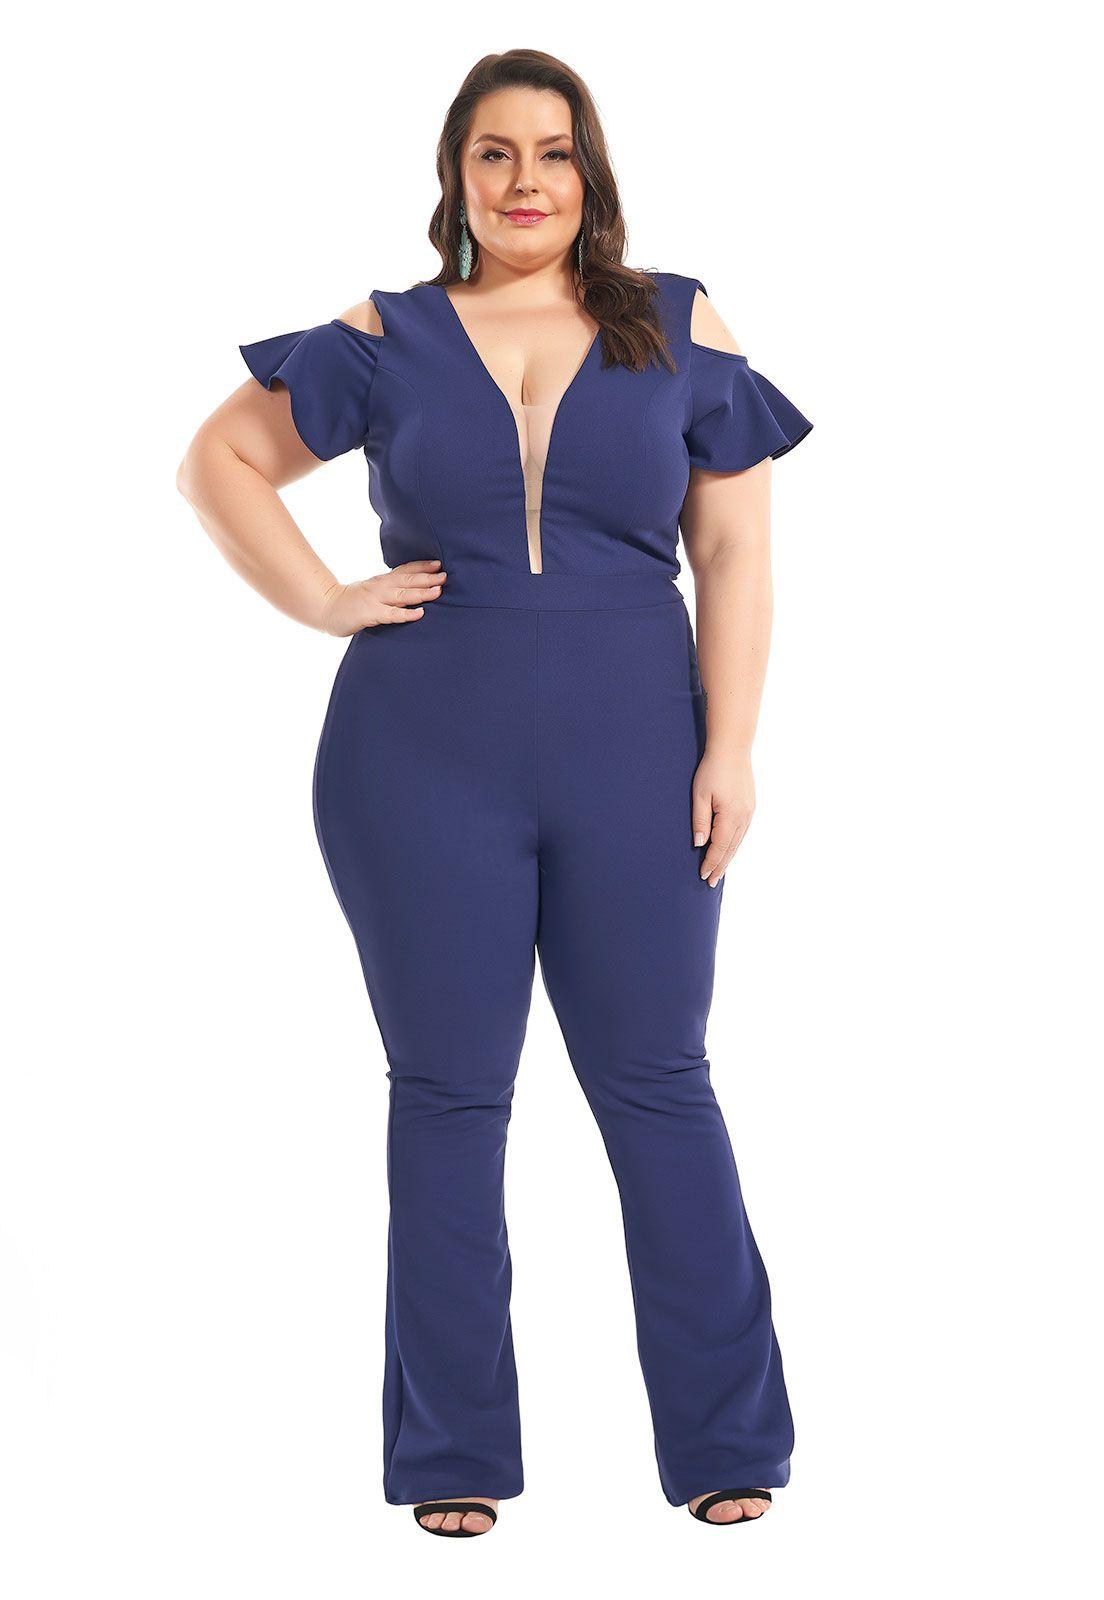 Macacão Plus Size Azul Marinho Lala Dubi